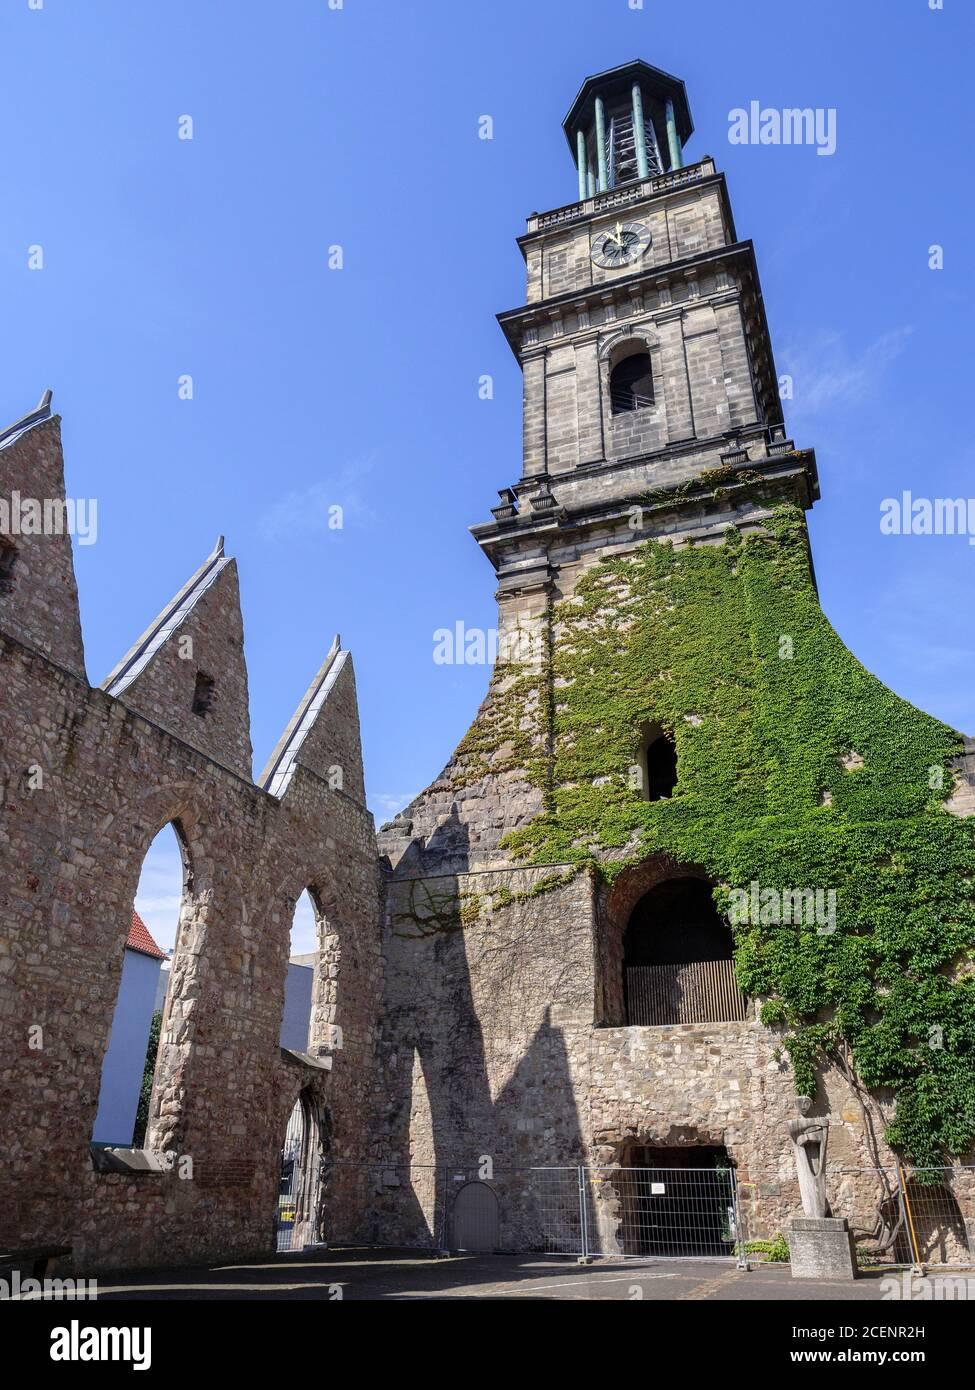 Ruine der Aegidienkirche - Kriegsdenkmal - in Hannover, Niedersachsen, Deutschland, Europa ruins of Aegidien Curch. war memorial in Hanover, Lower Sax Stock Photo